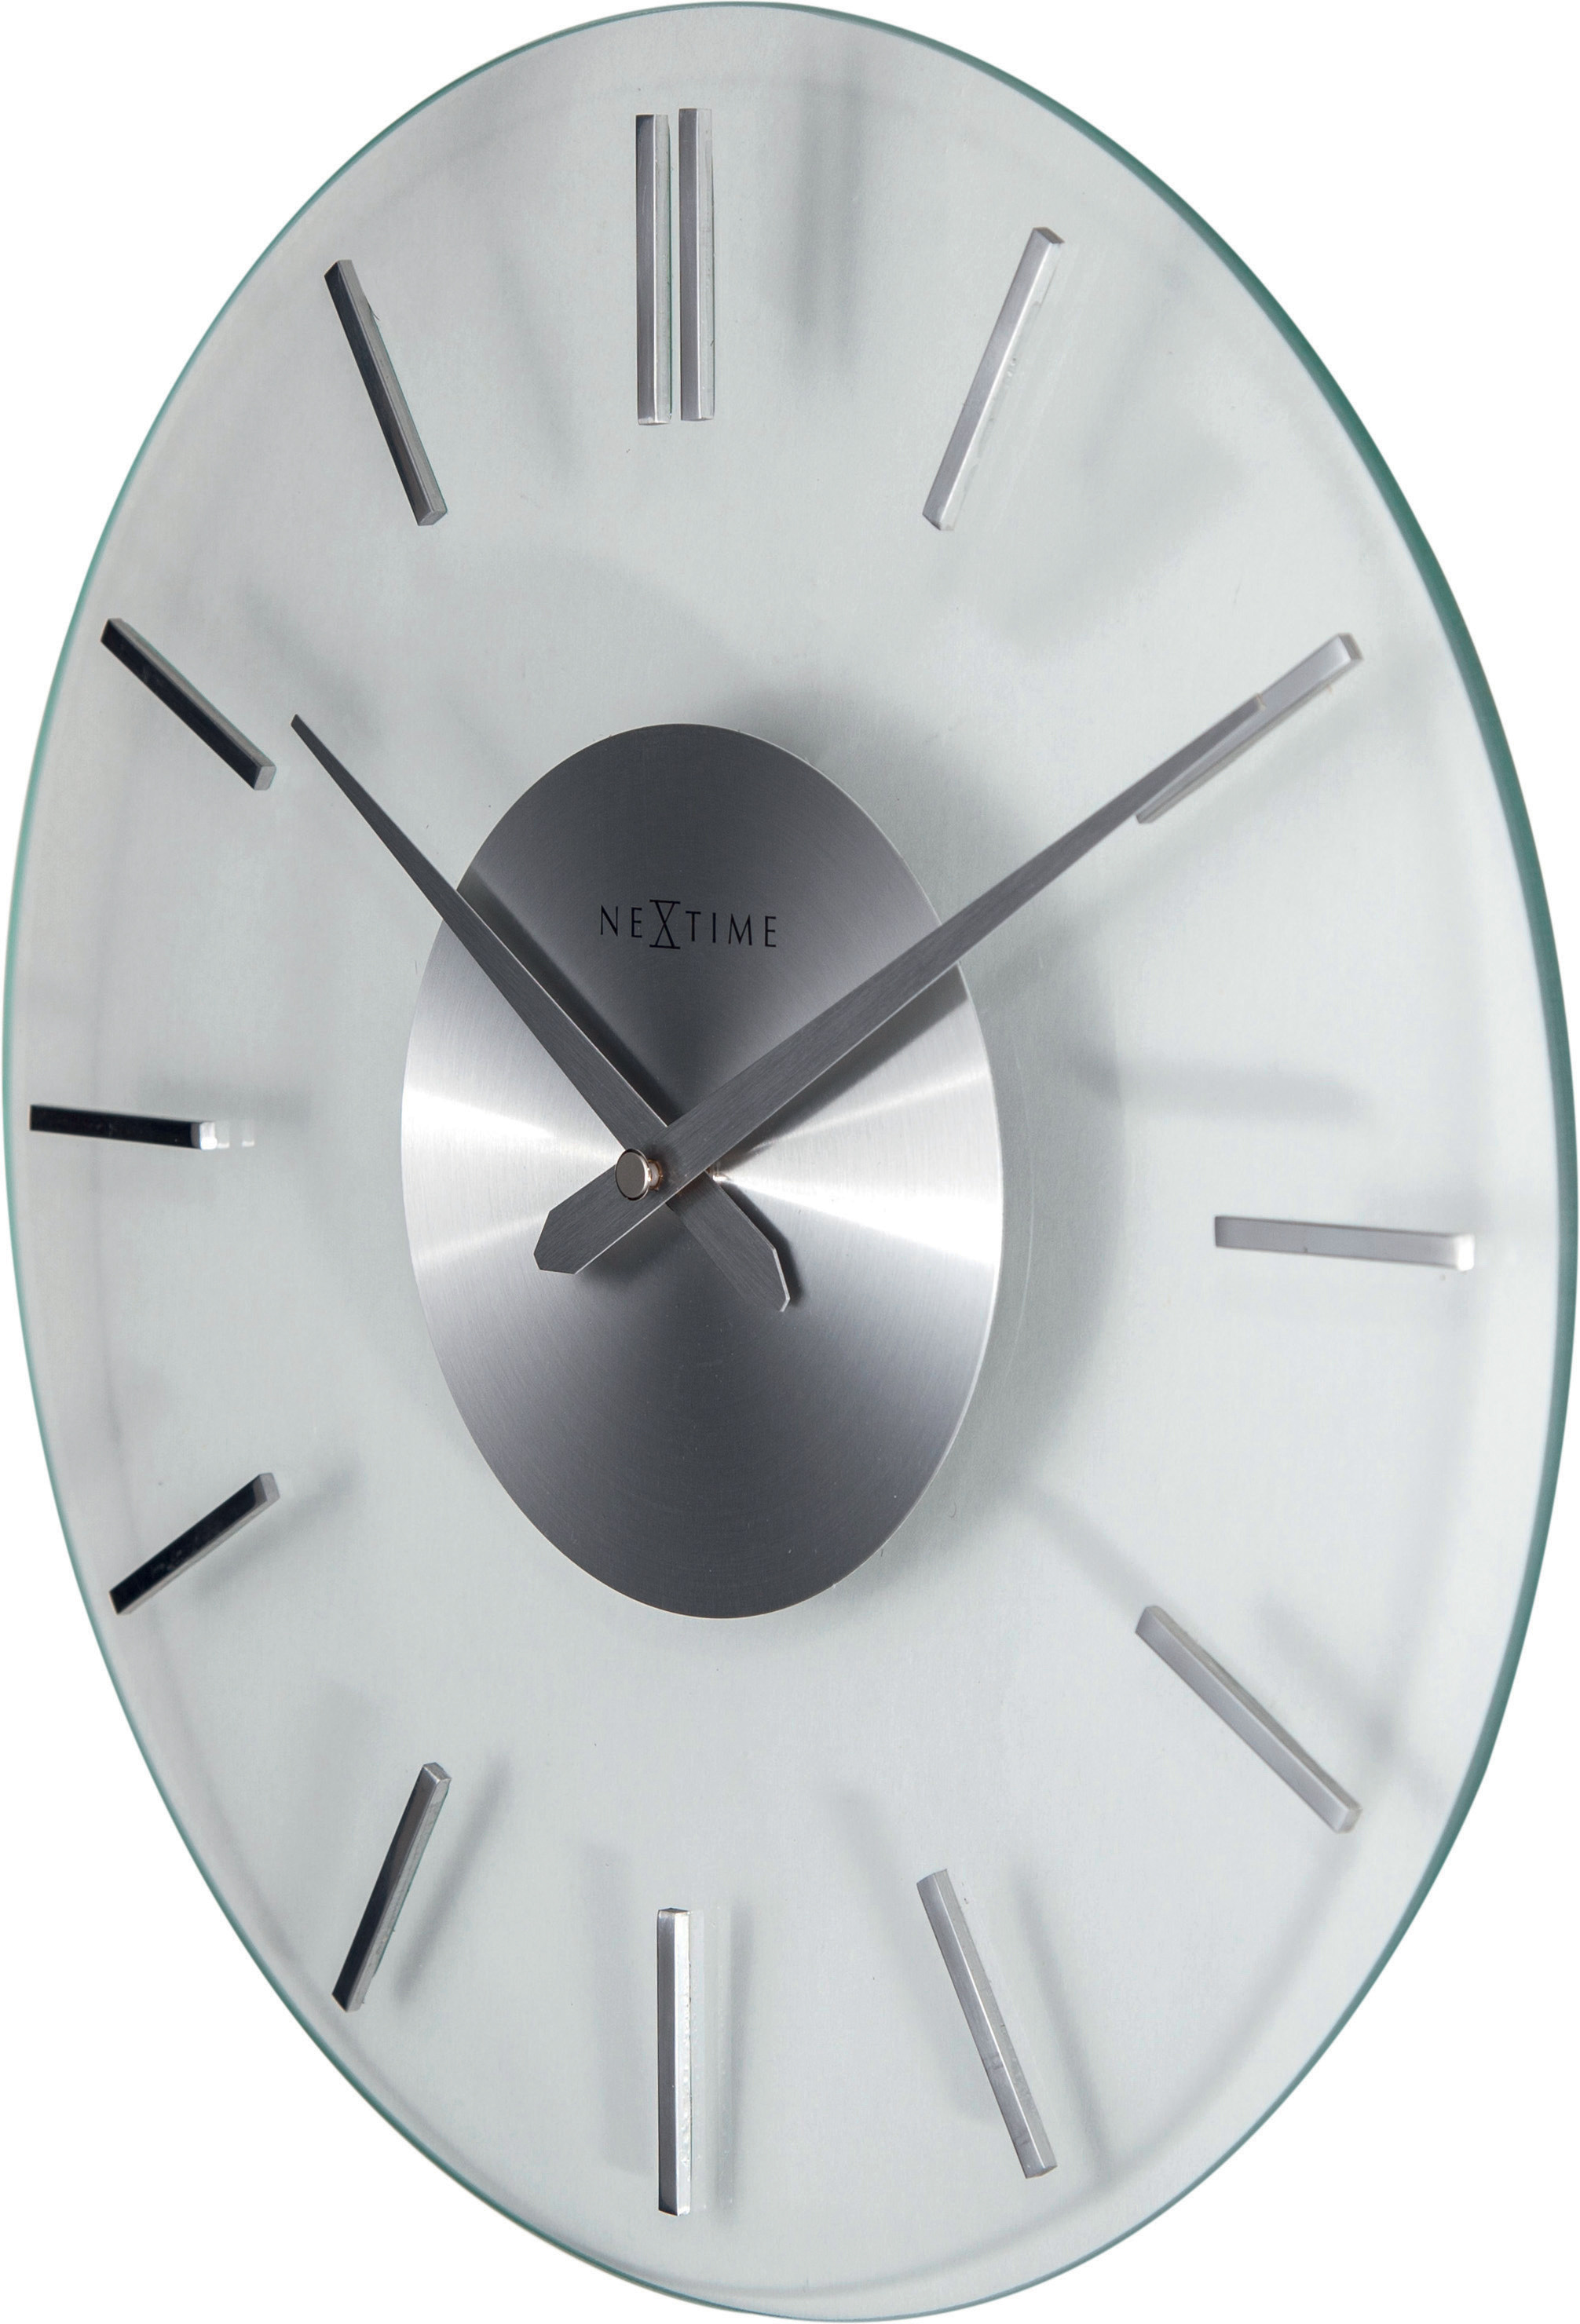 NeXtime Wanduhr STRIPE Ø 26cm lautlos Glas Edelstahl Quarzuhr Wohnzimmer  Uhr | dynamic-24.de